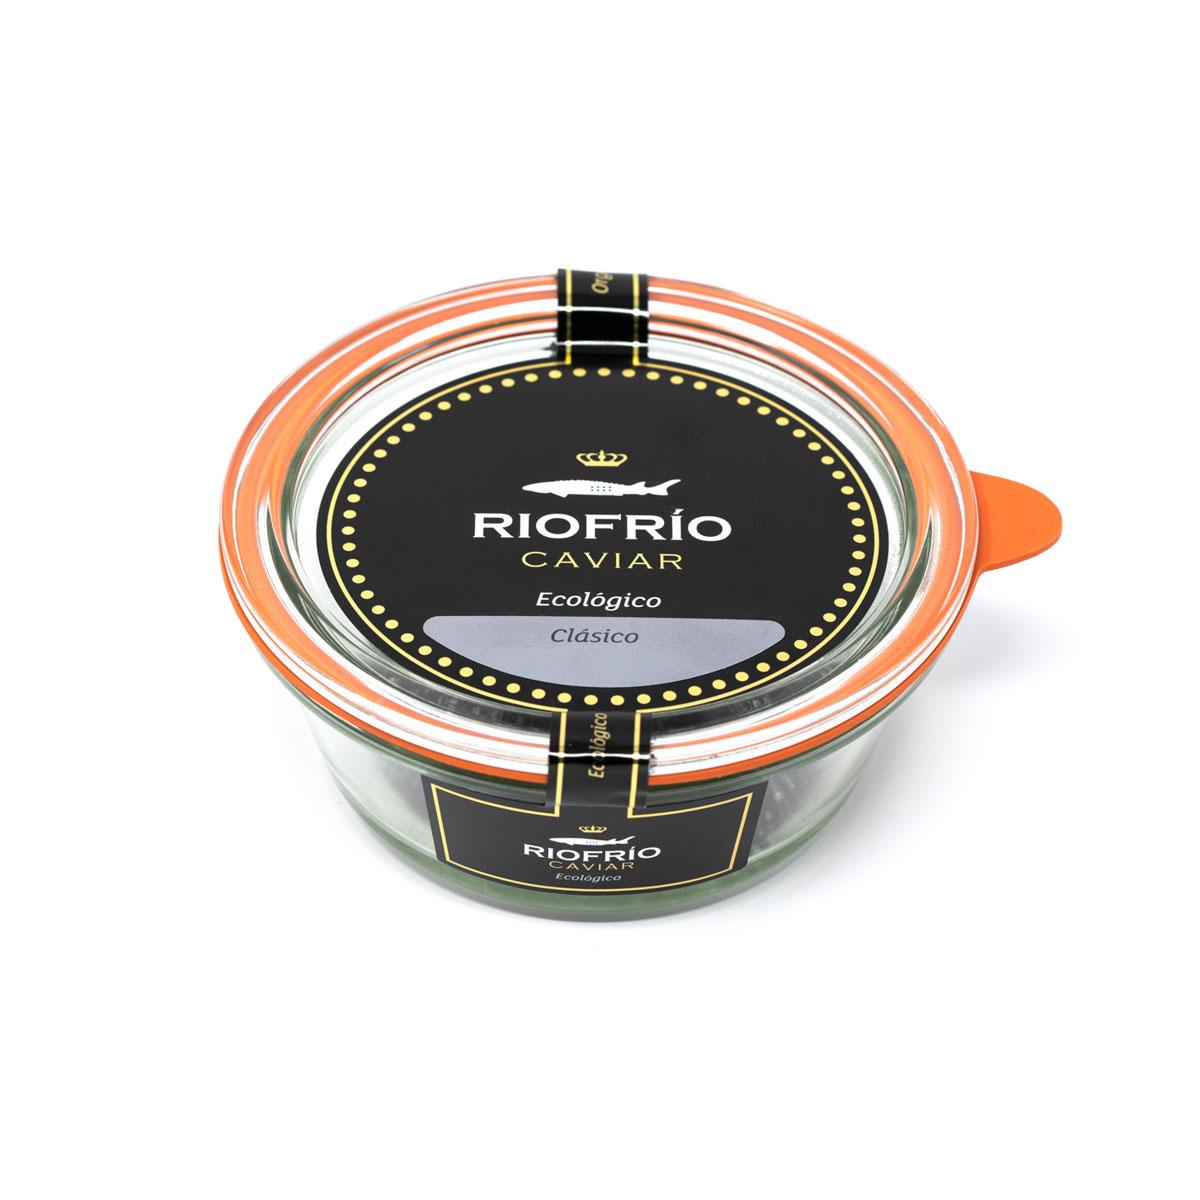 Caviar de Riofrío Ecológico